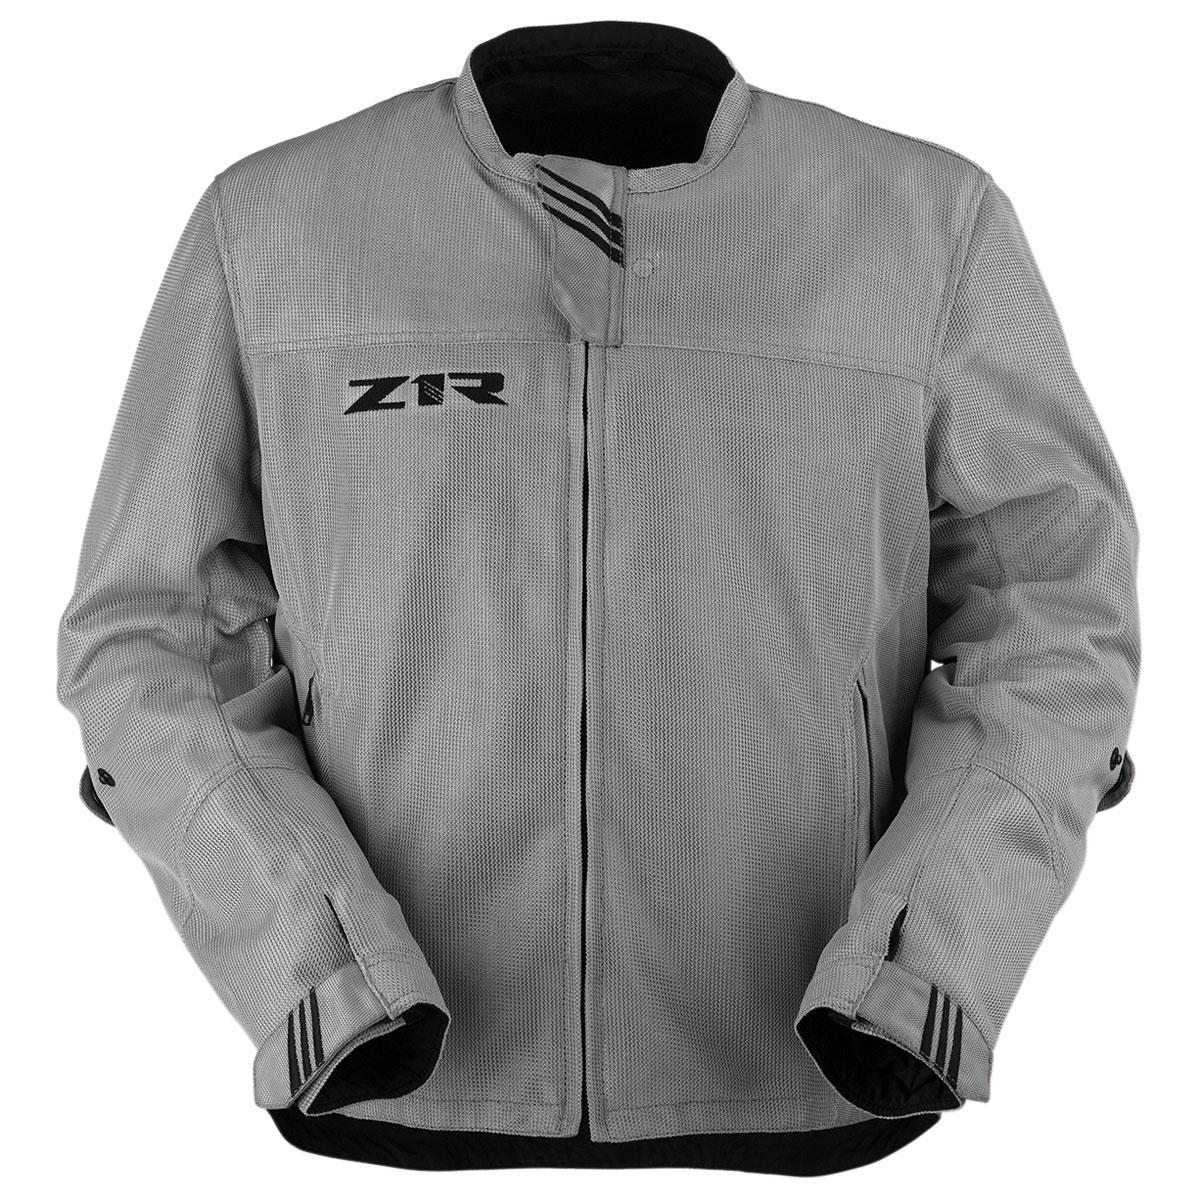 Z1R Men's Gust Silver Mesh Jacket